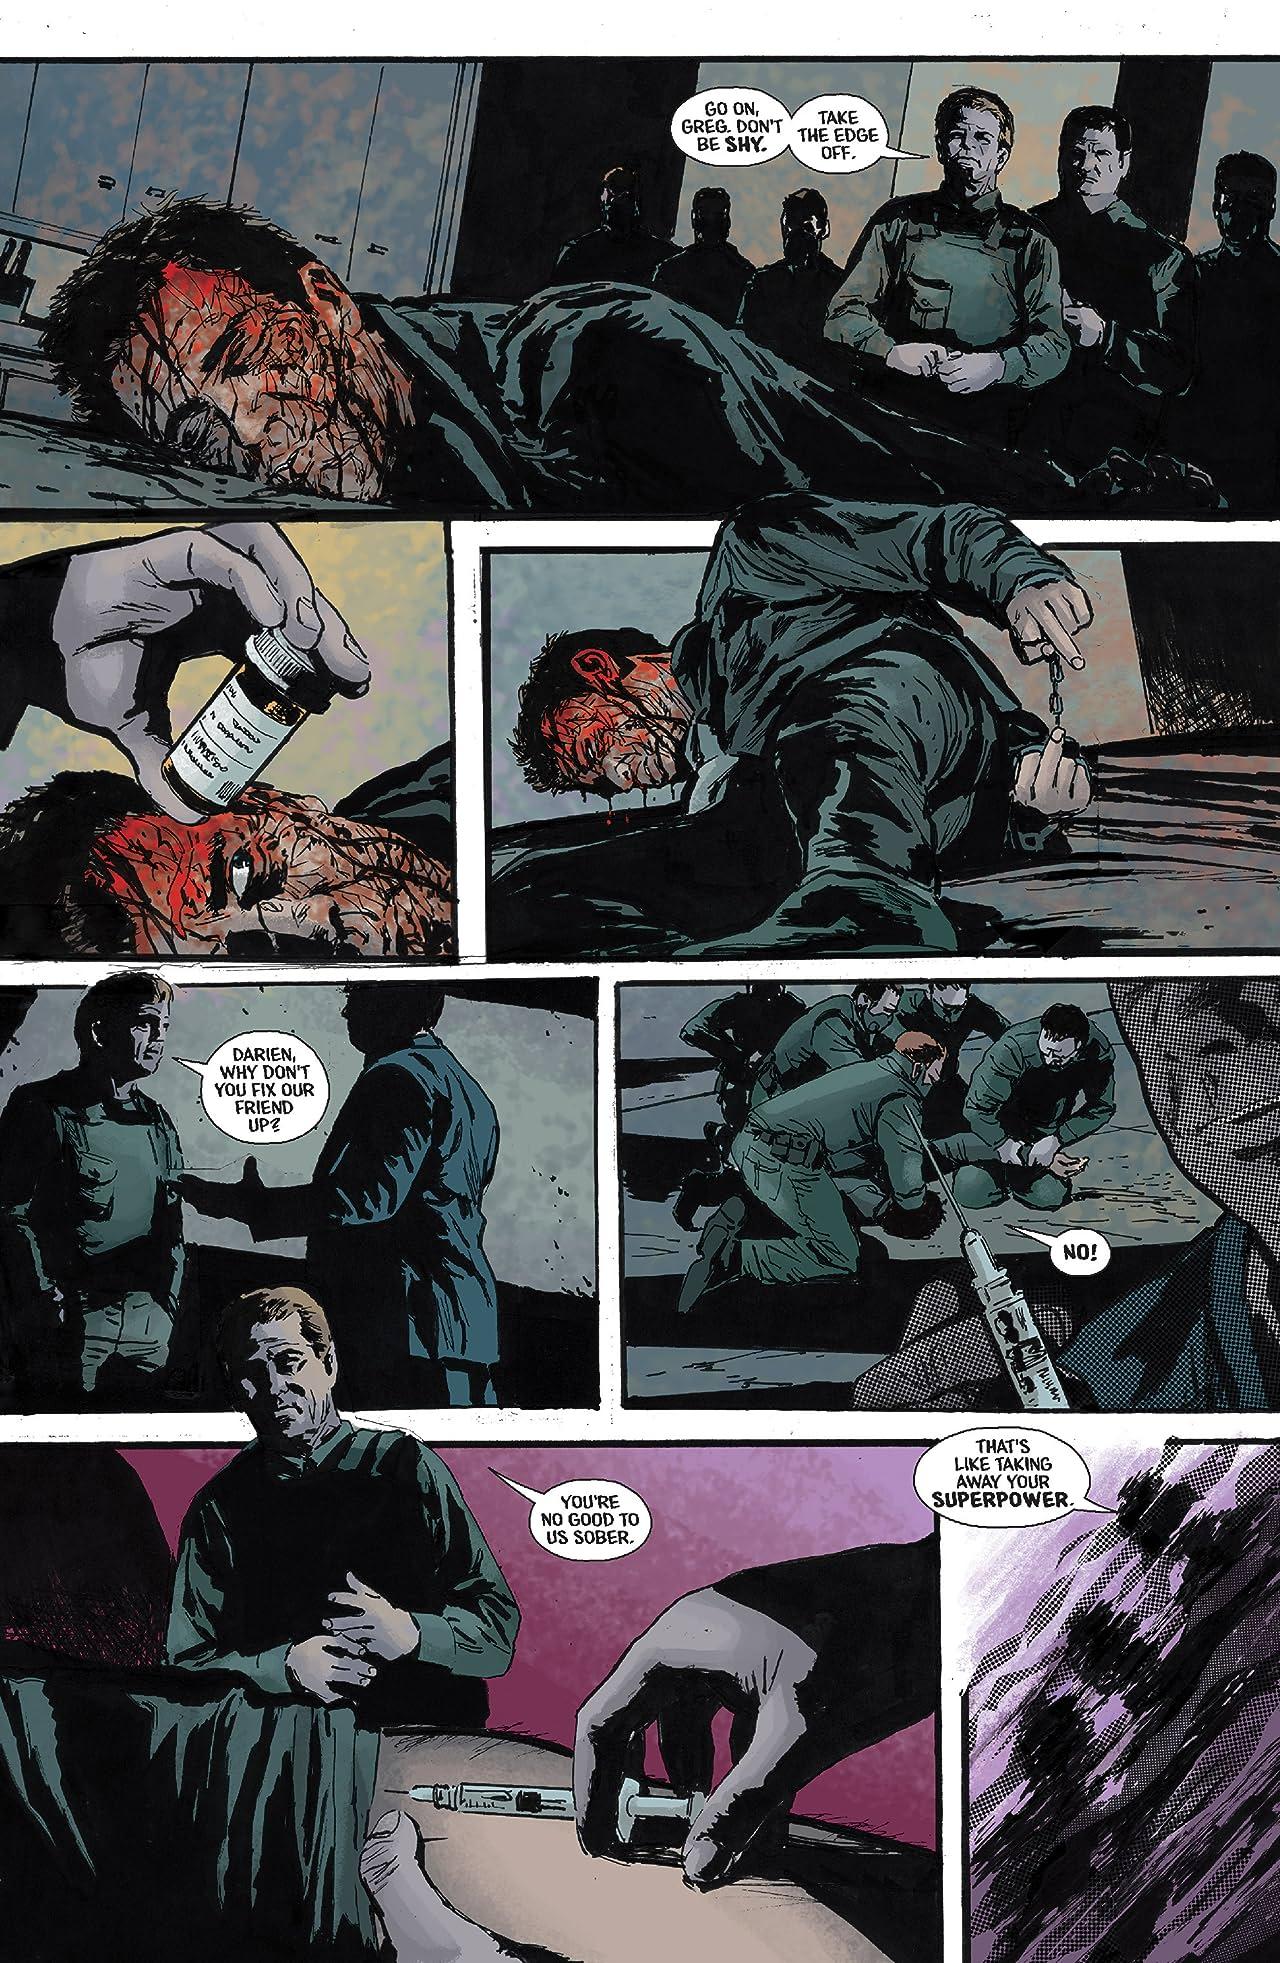 The Black Hood #10